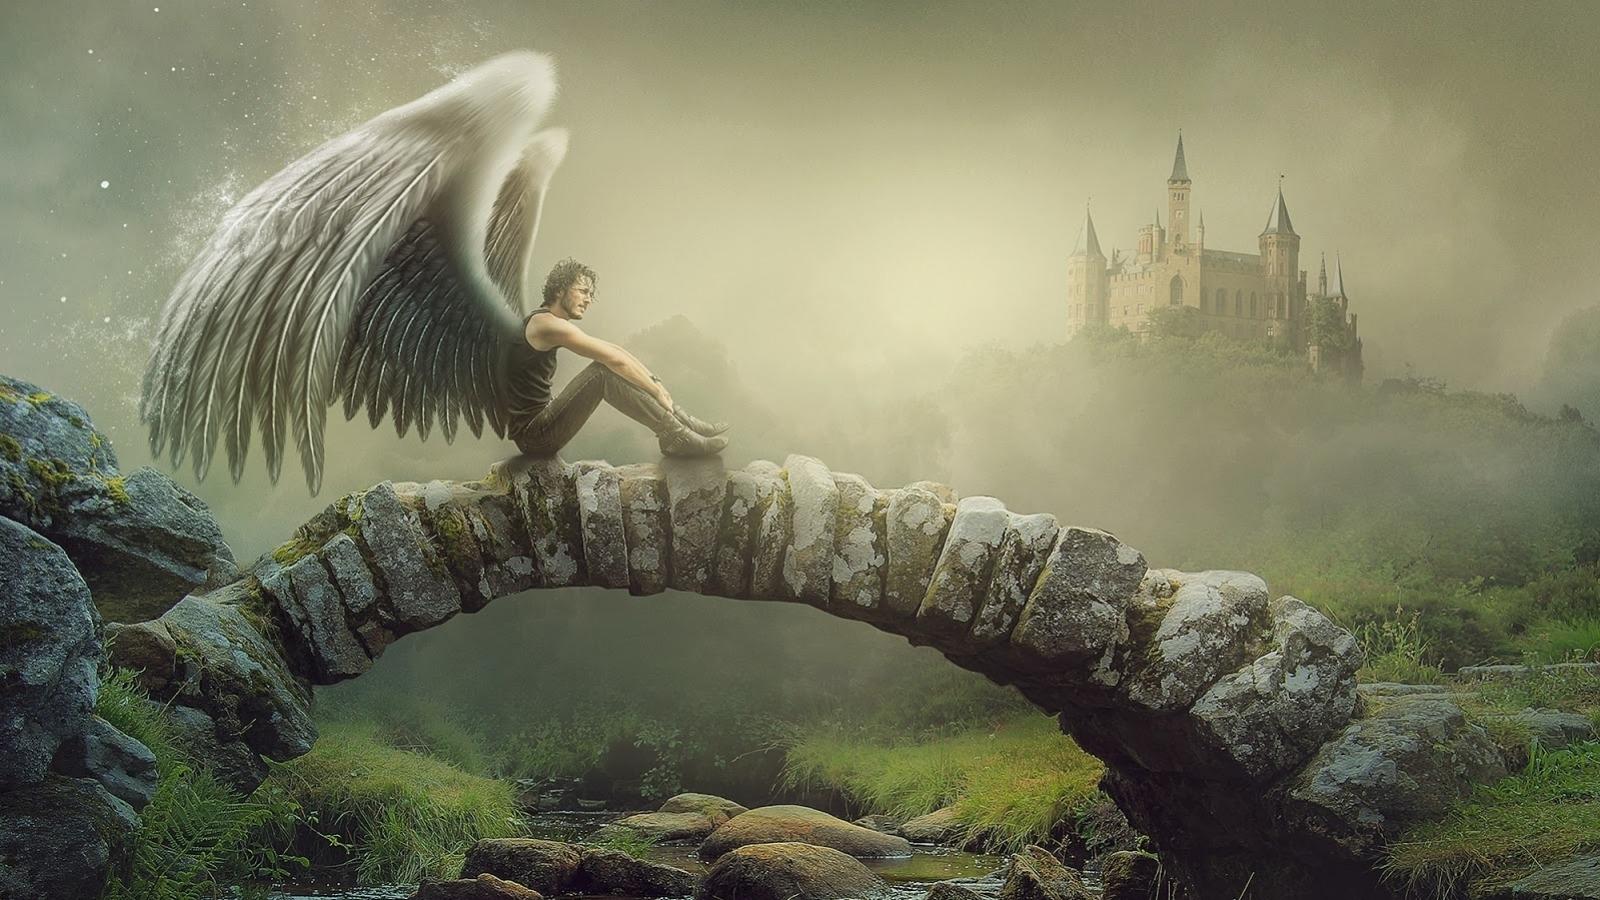 Angel Fantasia Wallpaper 41059921 Fanpop